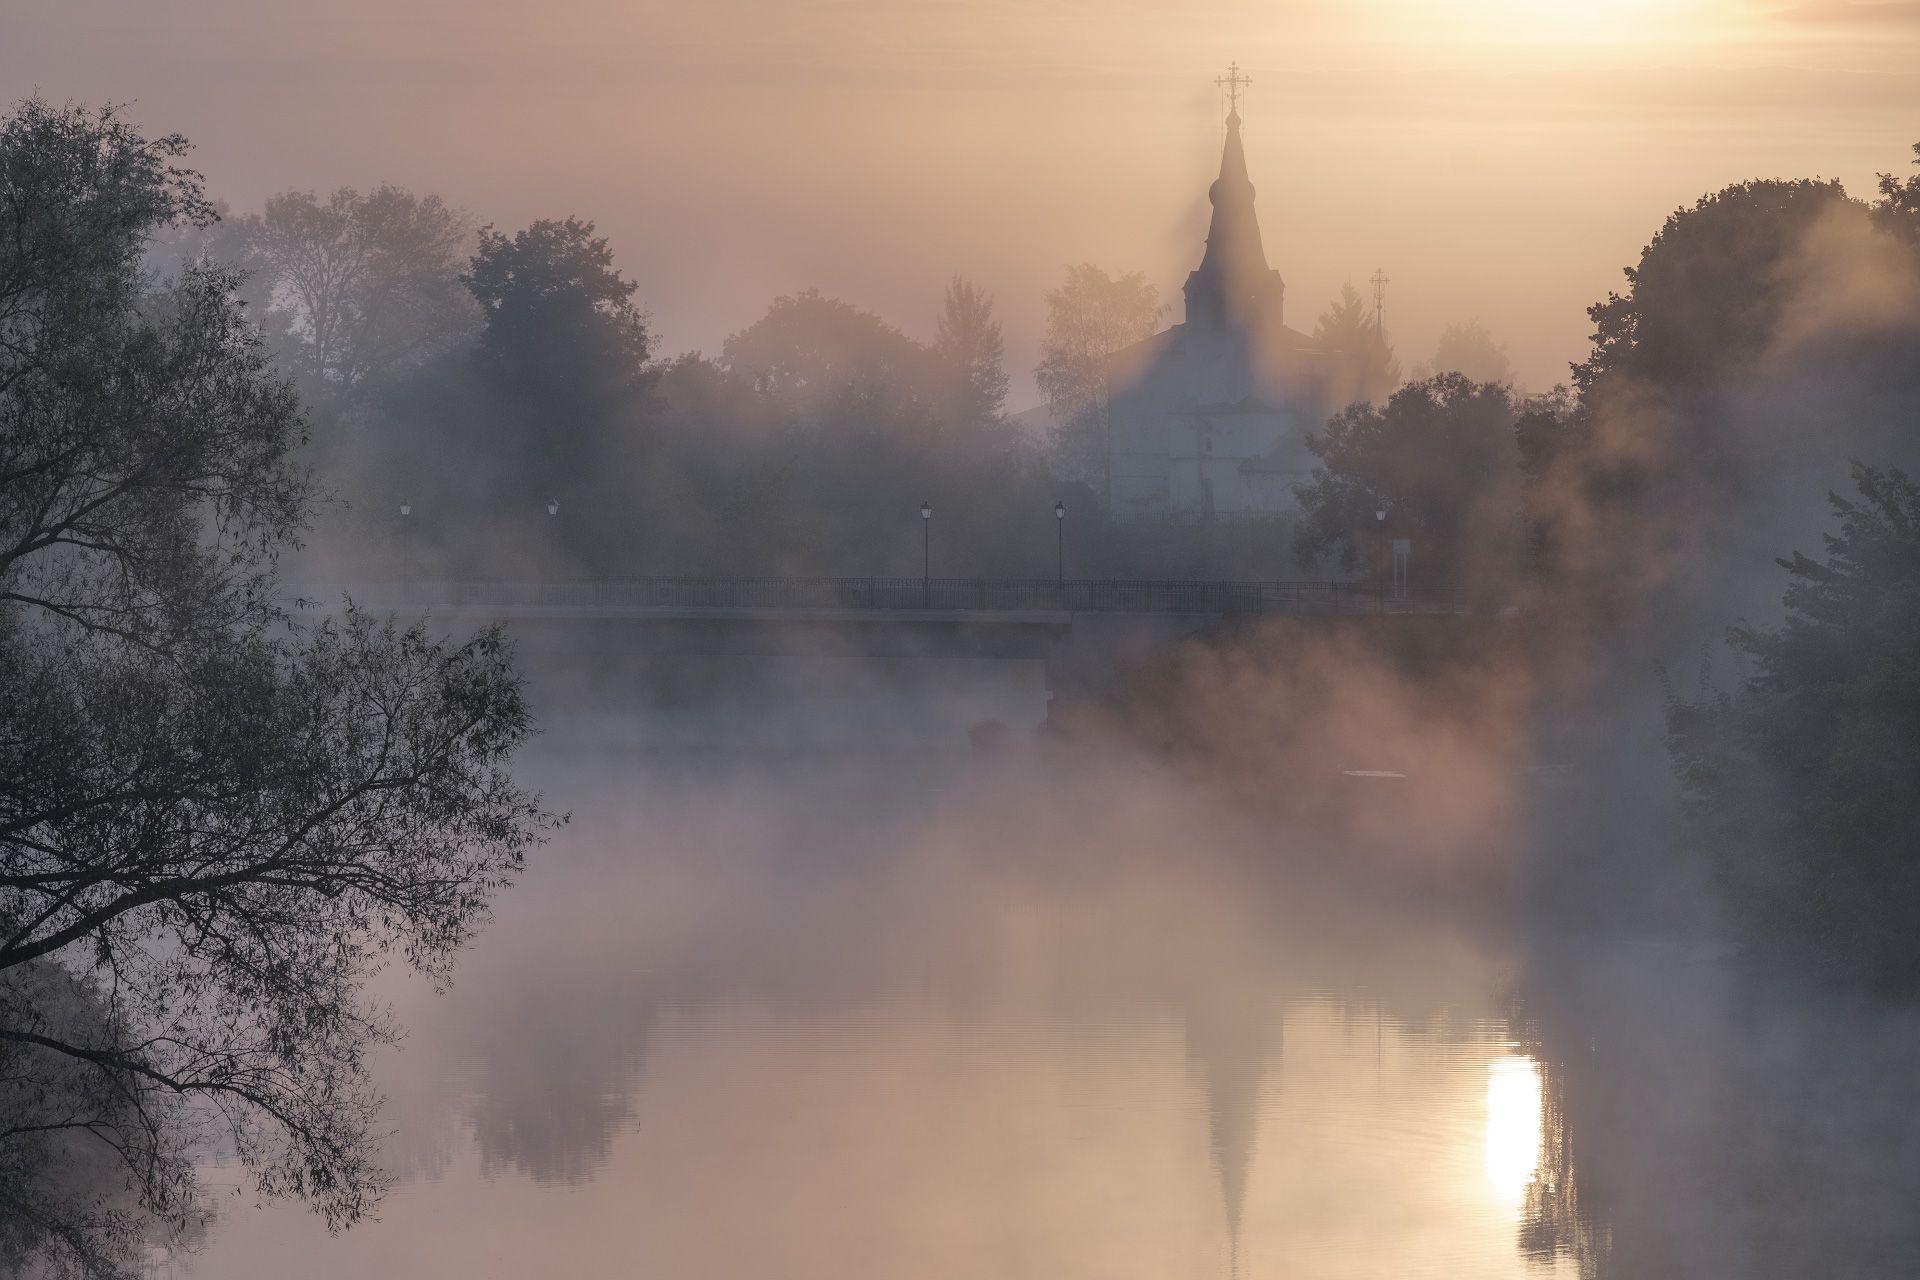 рассвет, река, каменка, мост, туман, утро, суздаль, город, церковь, монастырь, пейзаж, Чиж Андрей